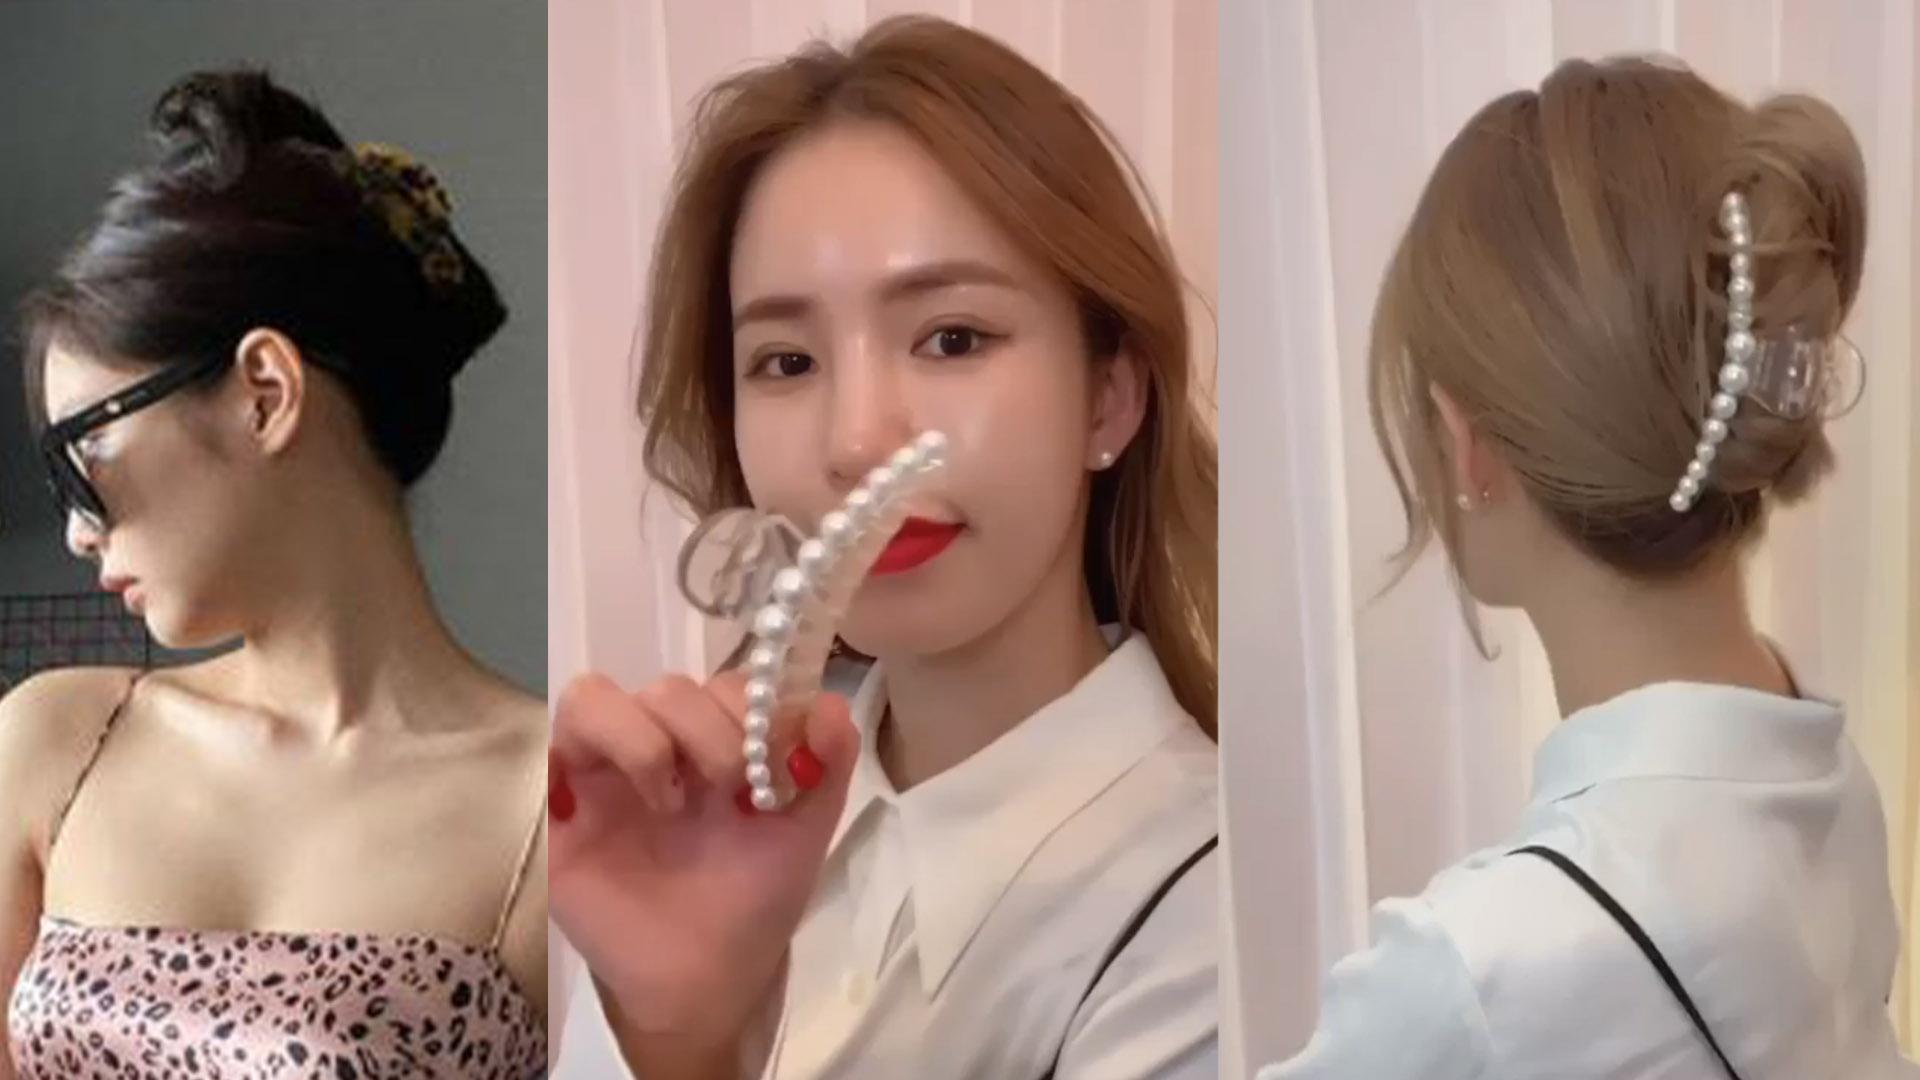 大媽感與時尚風就差在這一點!造型師示範韓女星最愛的鯊魚夾隨興慵懶髮型